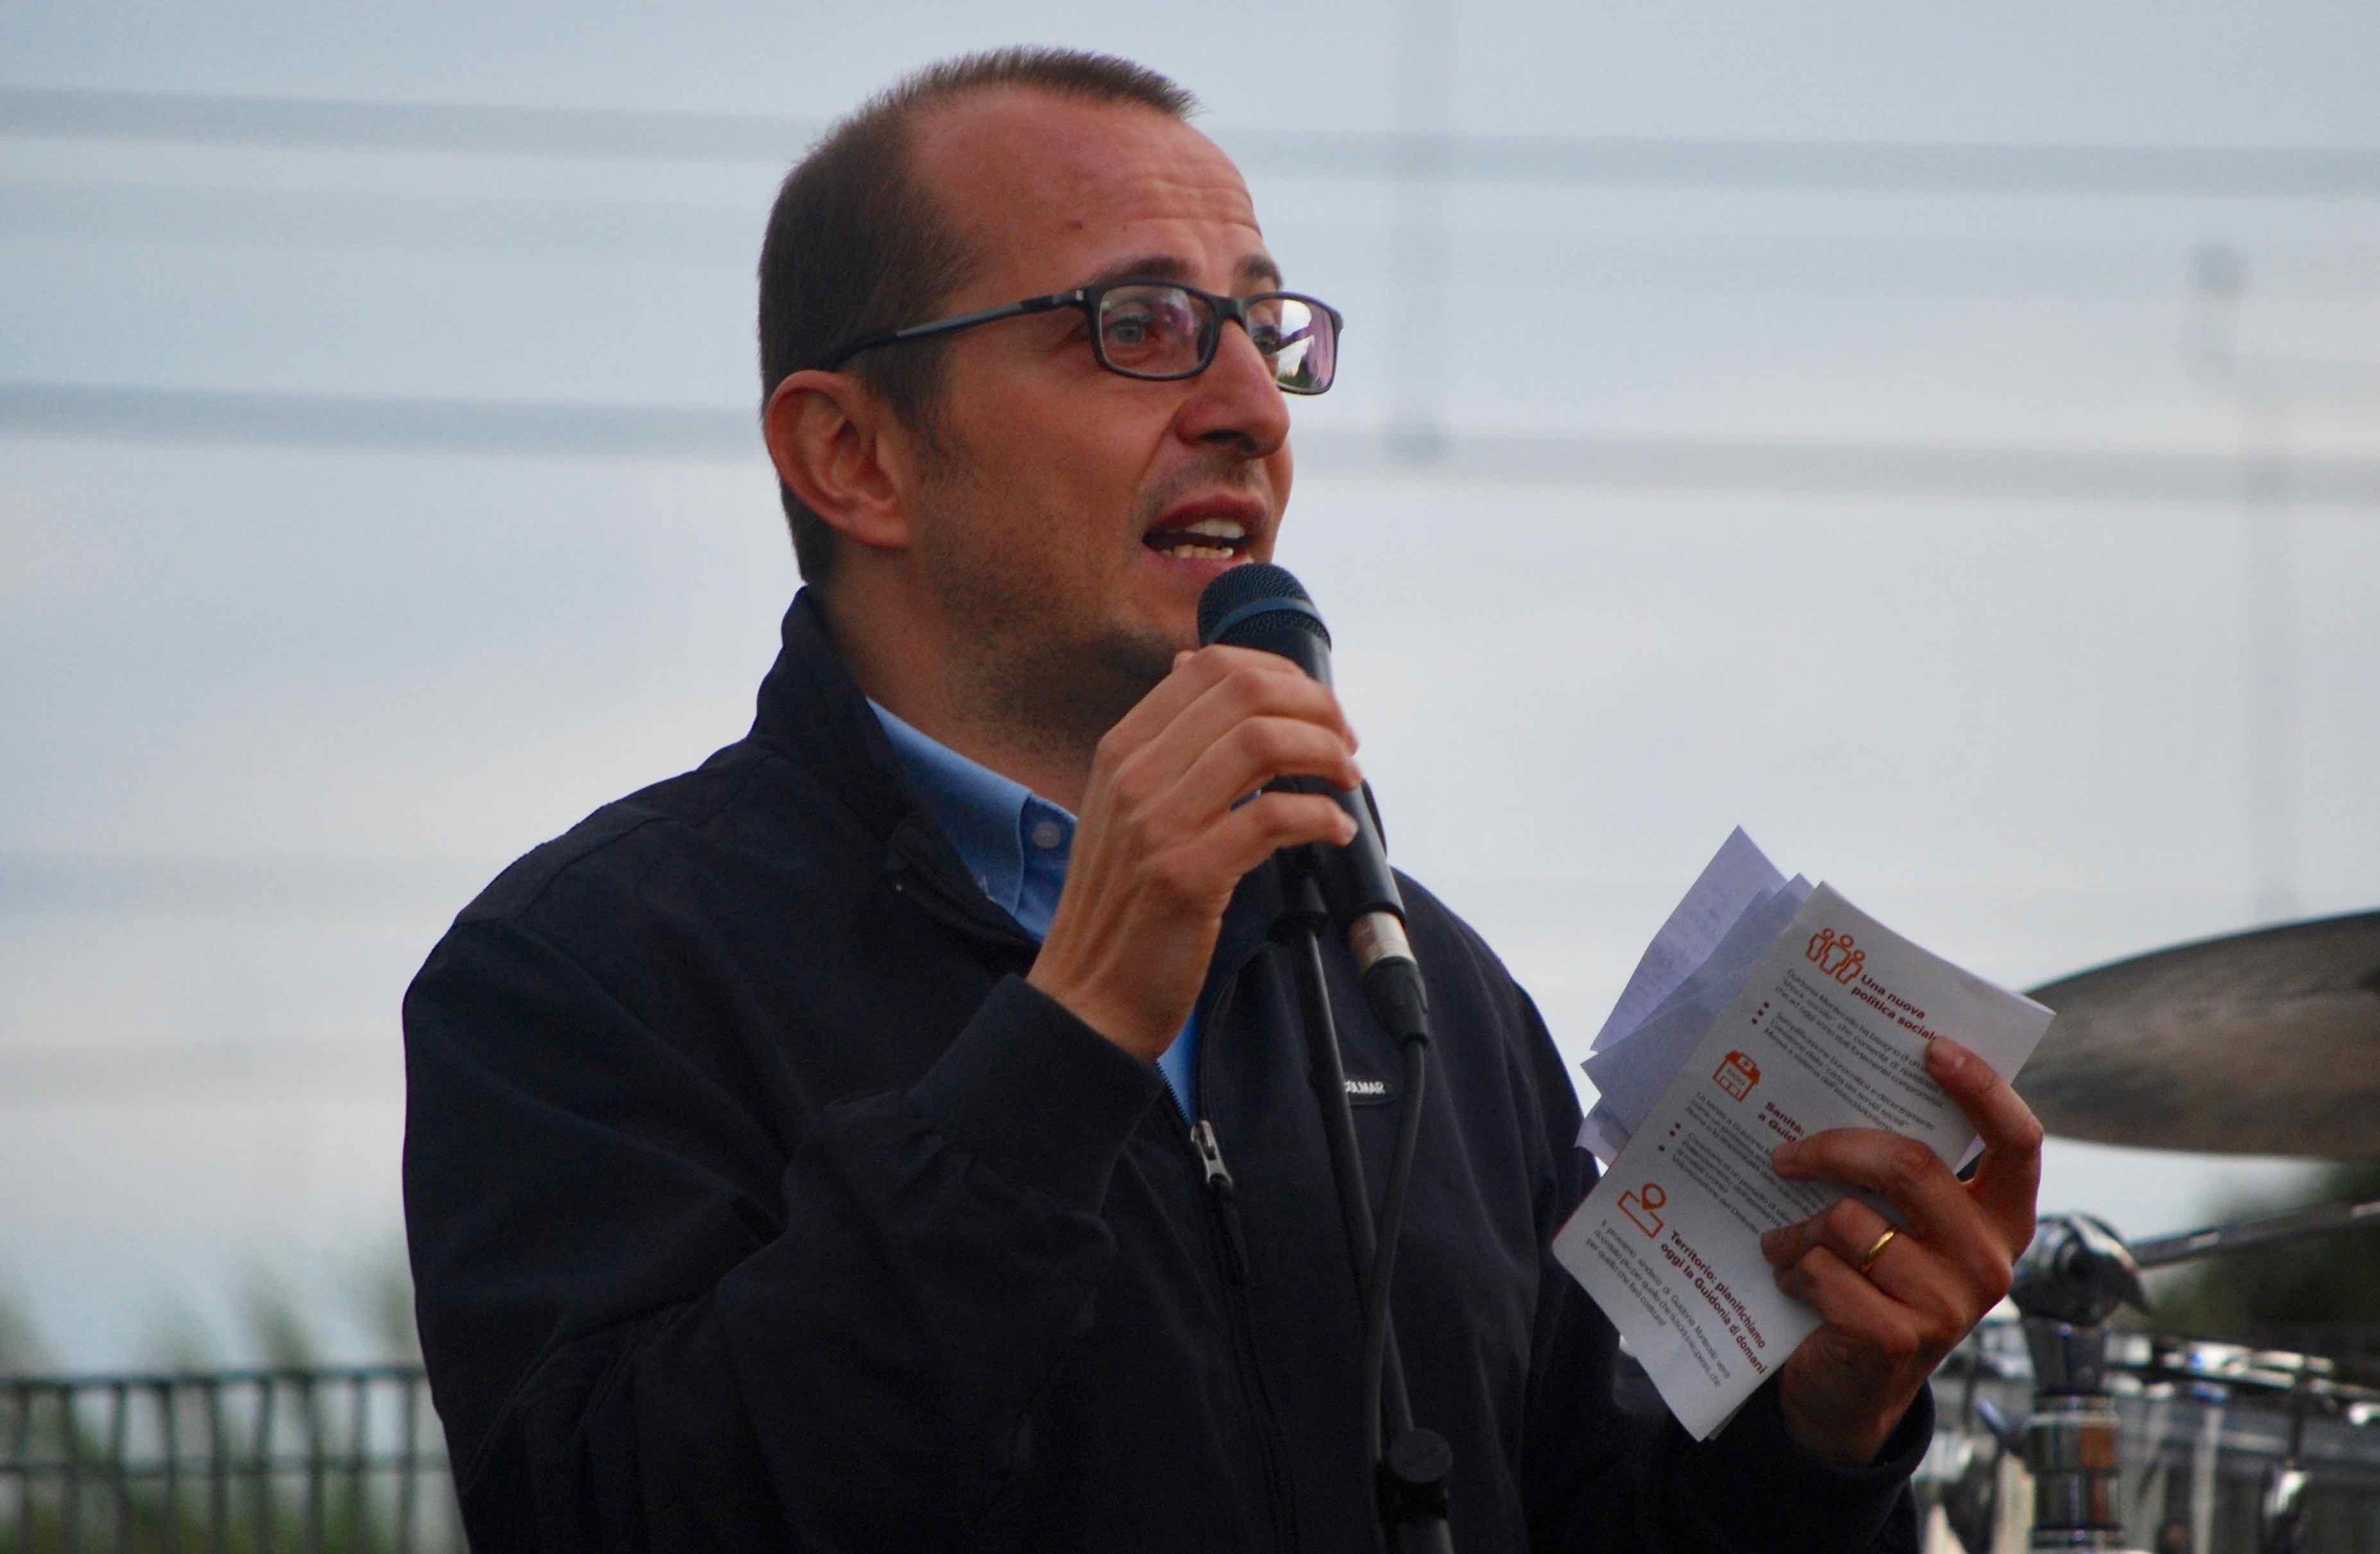 Elezioni, colpo di scena Guidonia: Cerroni alla Camera con il Pd, candidatura sempre più vicina